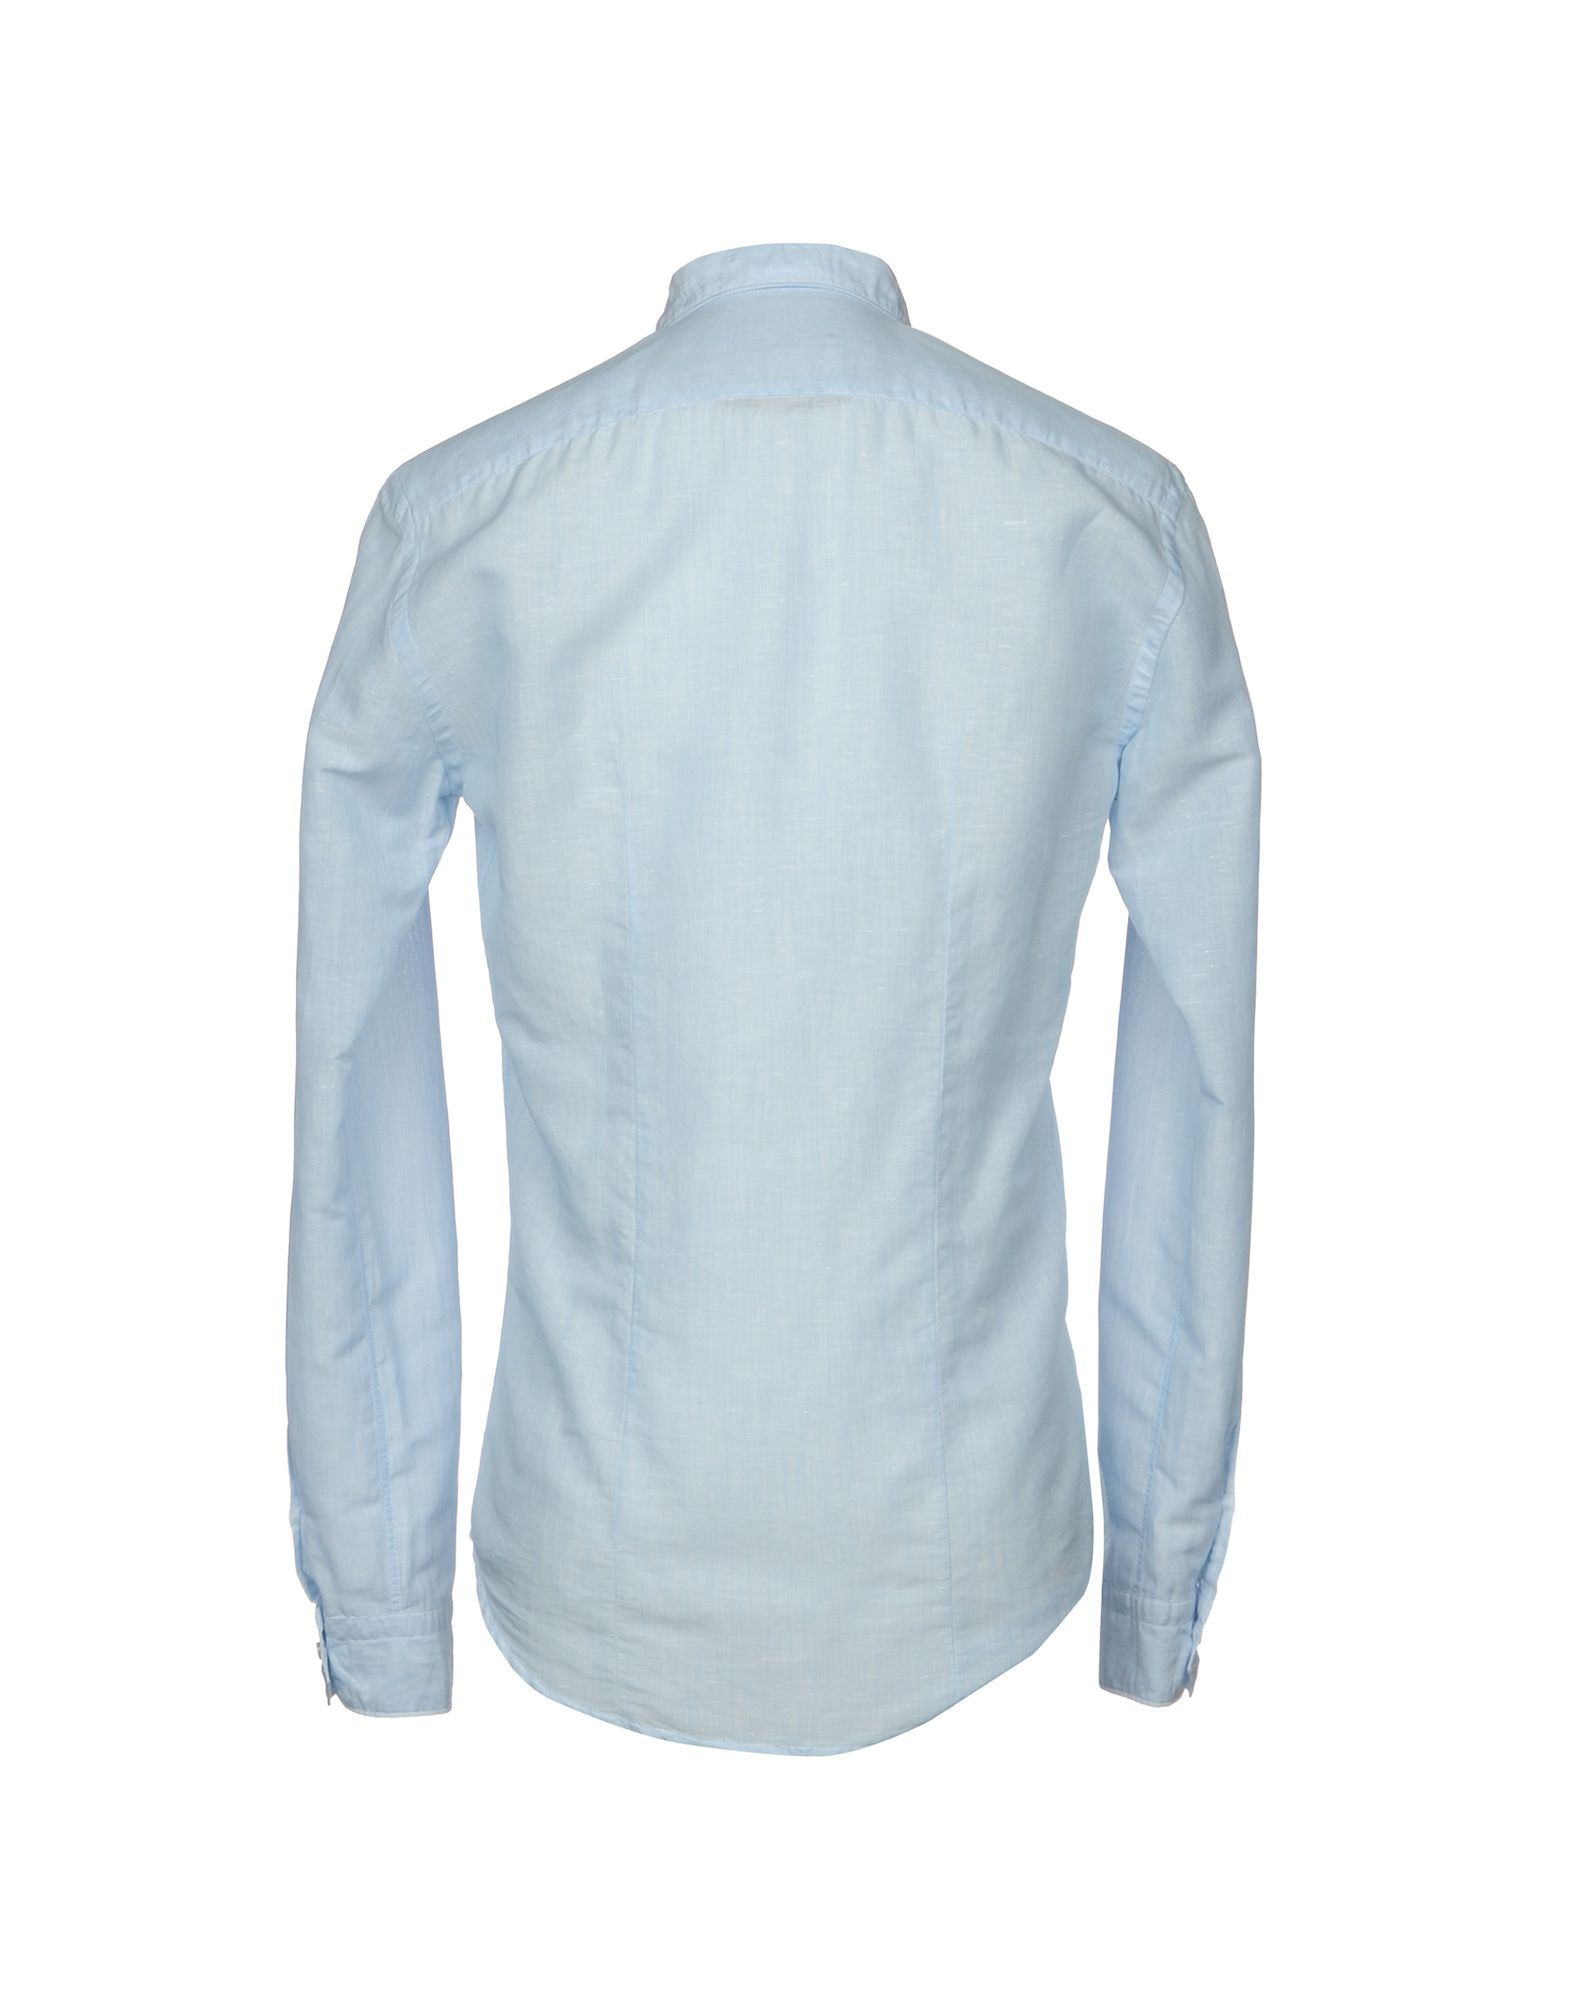 Camicia Camicia Camicia In Lino Brian Dales Uomo - 38692459WJ 855139